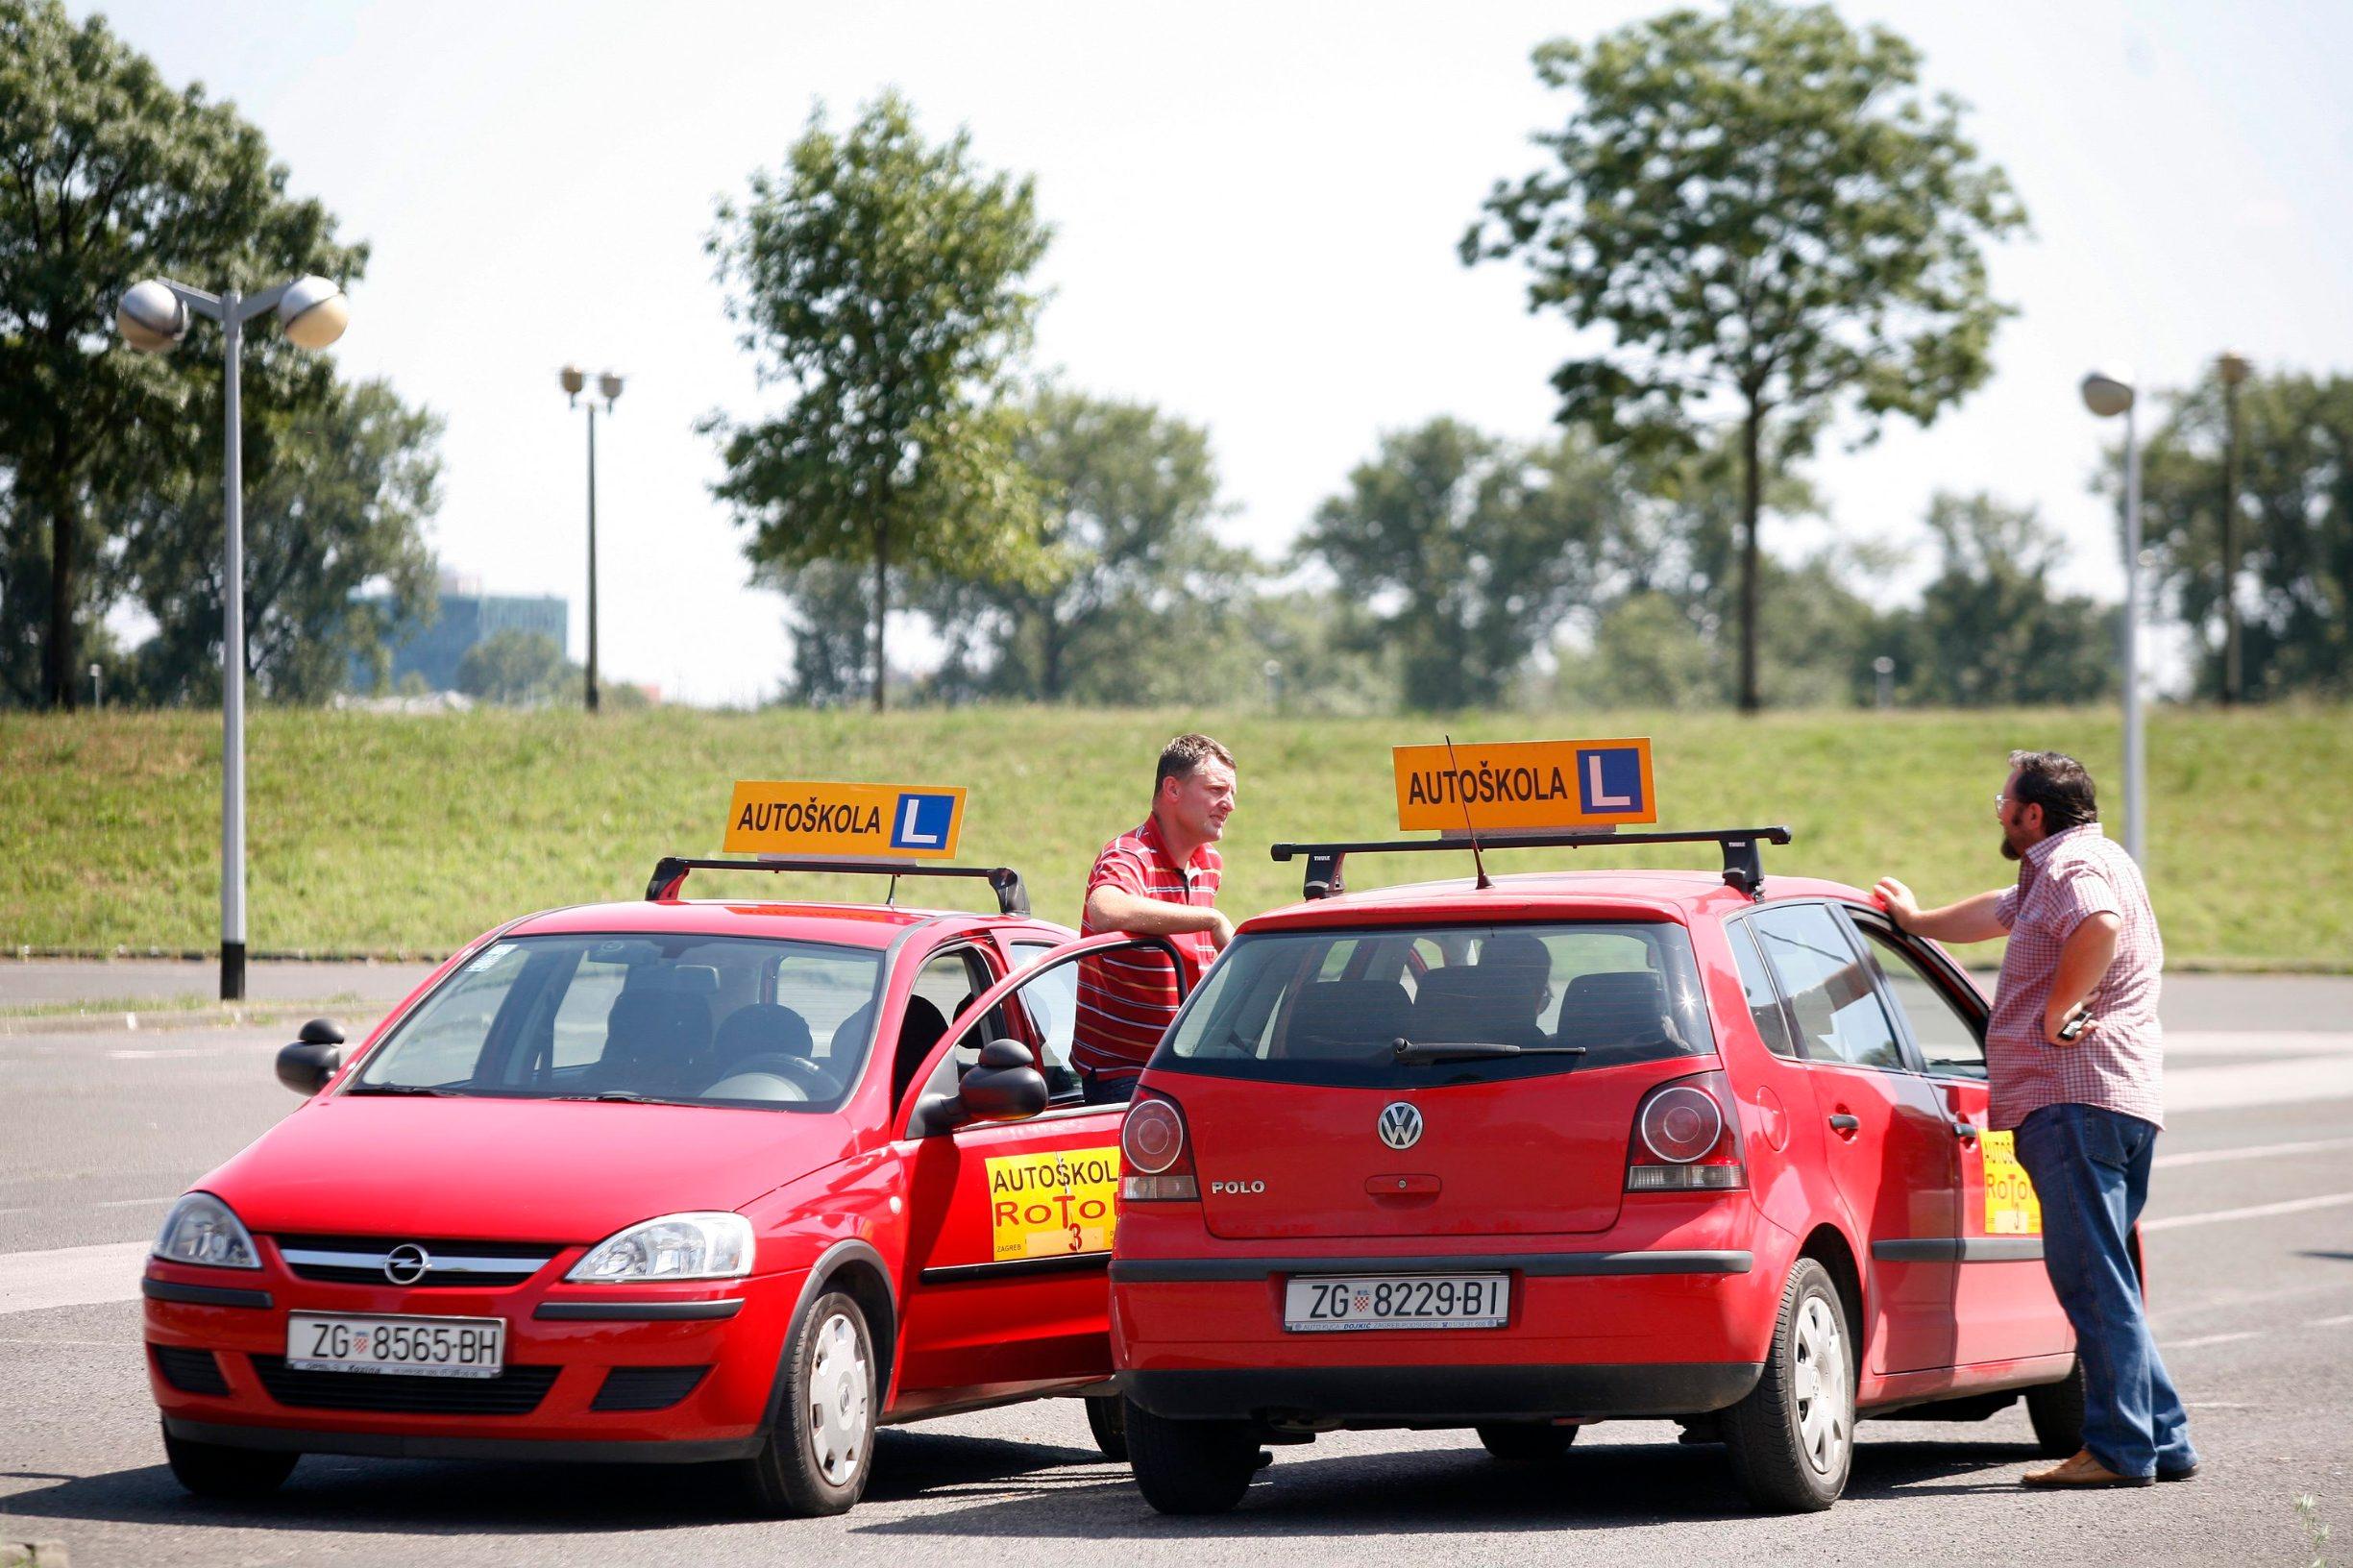 Zagreb, 290709. Automobili autoskole Rotor na poligonu u Cvijetnom naselju za ilustraciju o poskupljenju polaganja vozackih ispita. Foto: Ranko Suvar / CROPIX